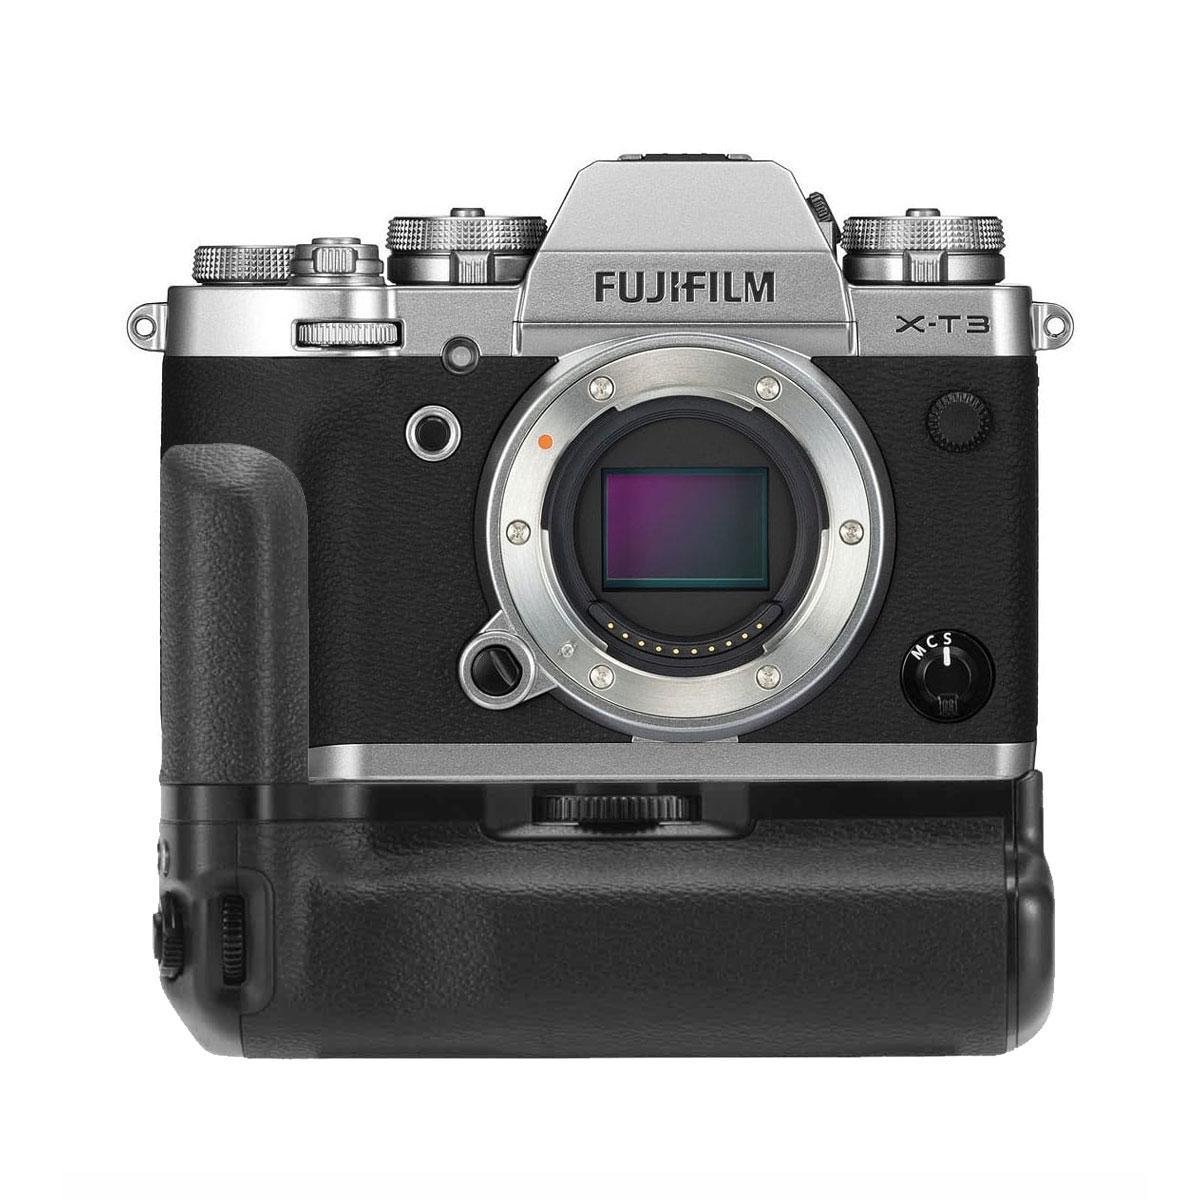 Fujifilm X-T3 Peilitön Järjestelmäkamerarunko + VG-XT3 akkukahva – Hopea